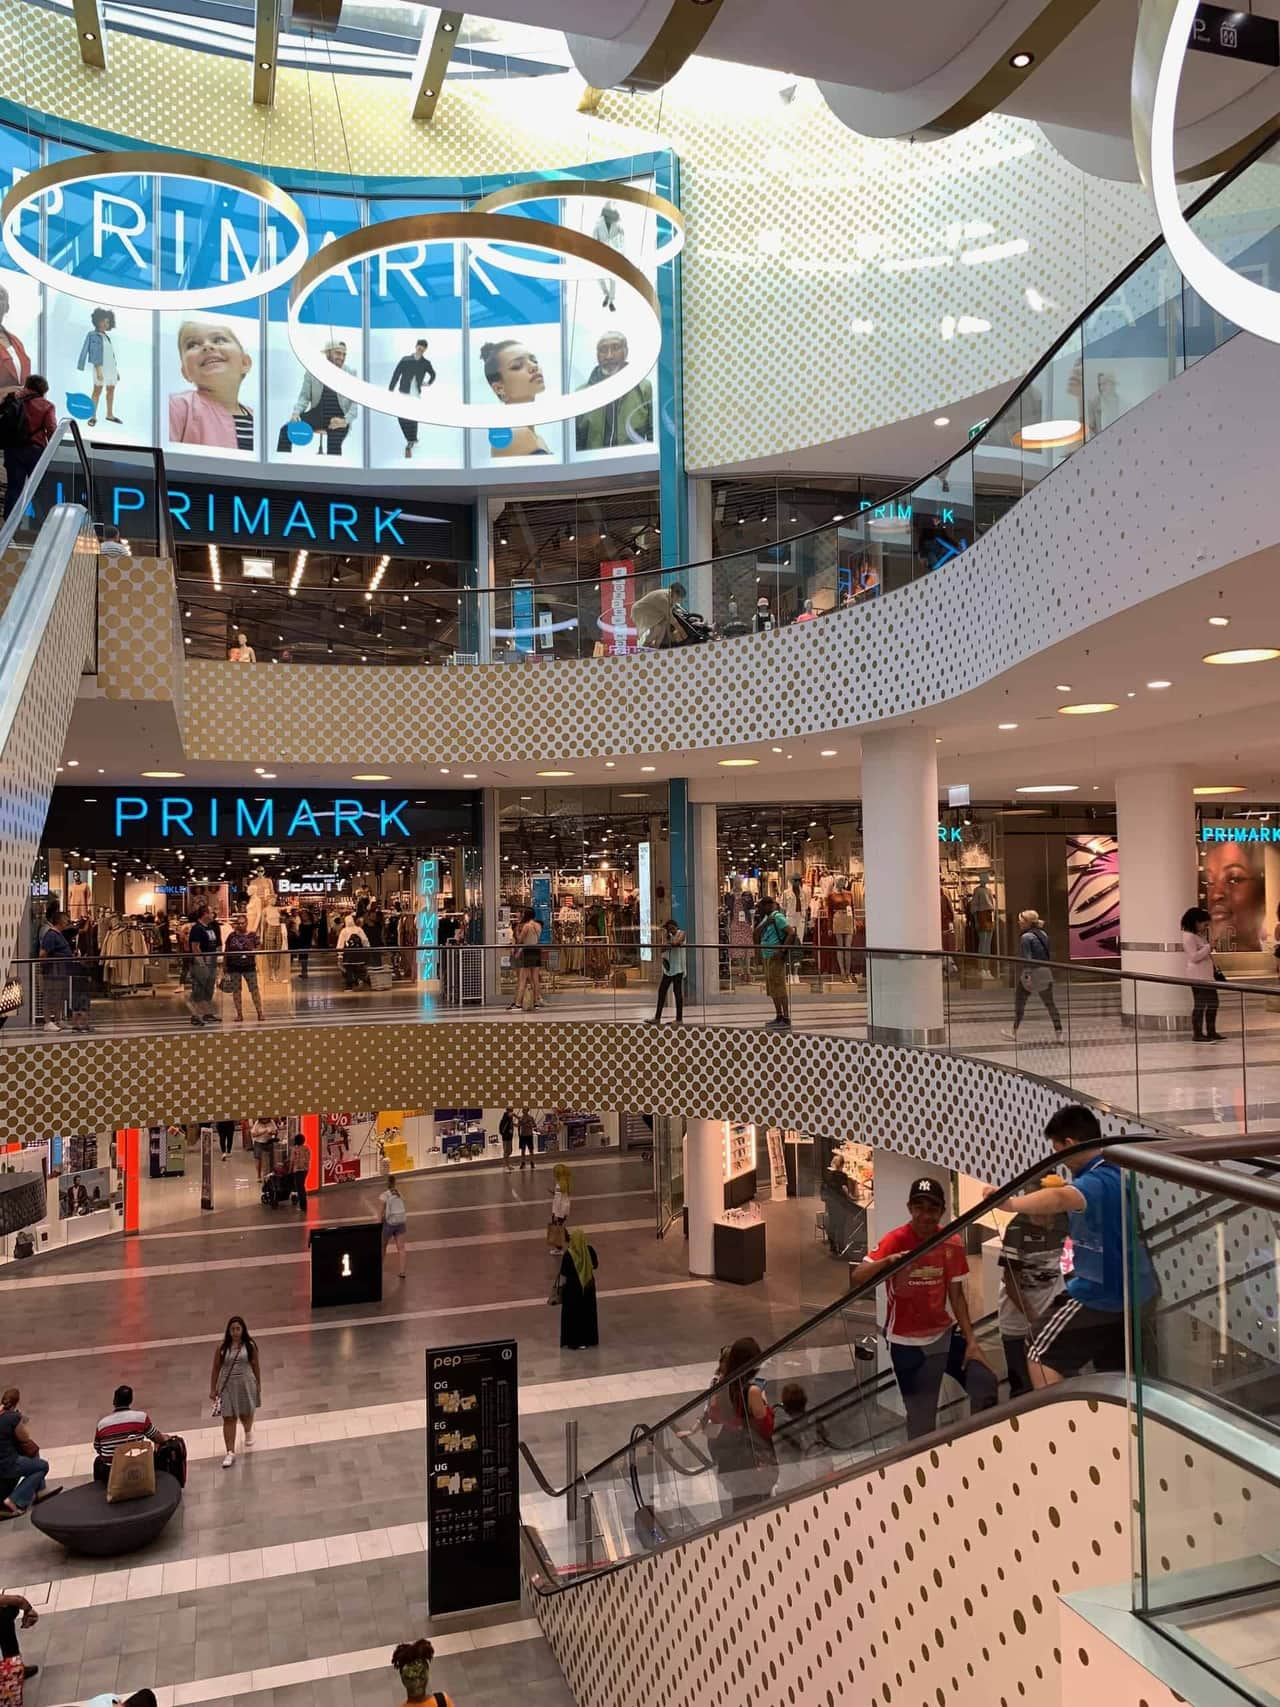 München_Einkaufzentrum_PEP_Primark